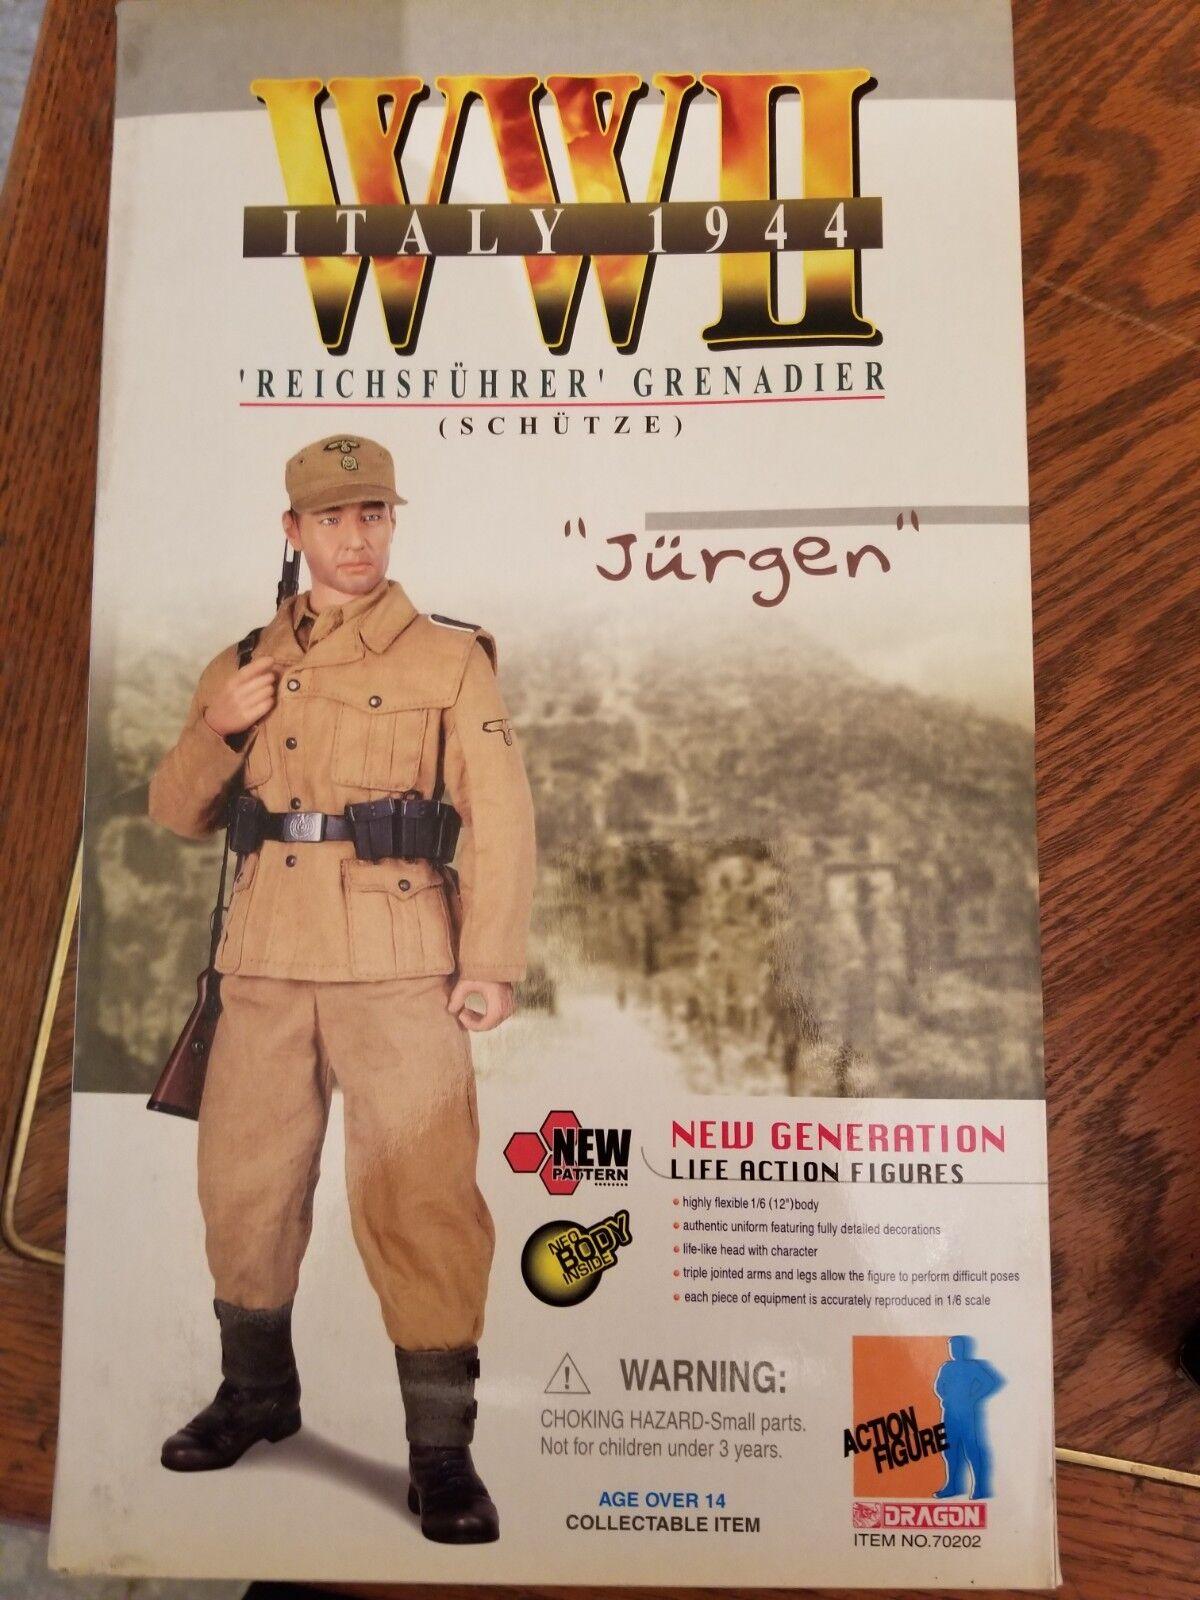 Dragon 1 6W2 Deutscher Reichsführer Grenadier Jurgen Italien 1944 MIB NRFB